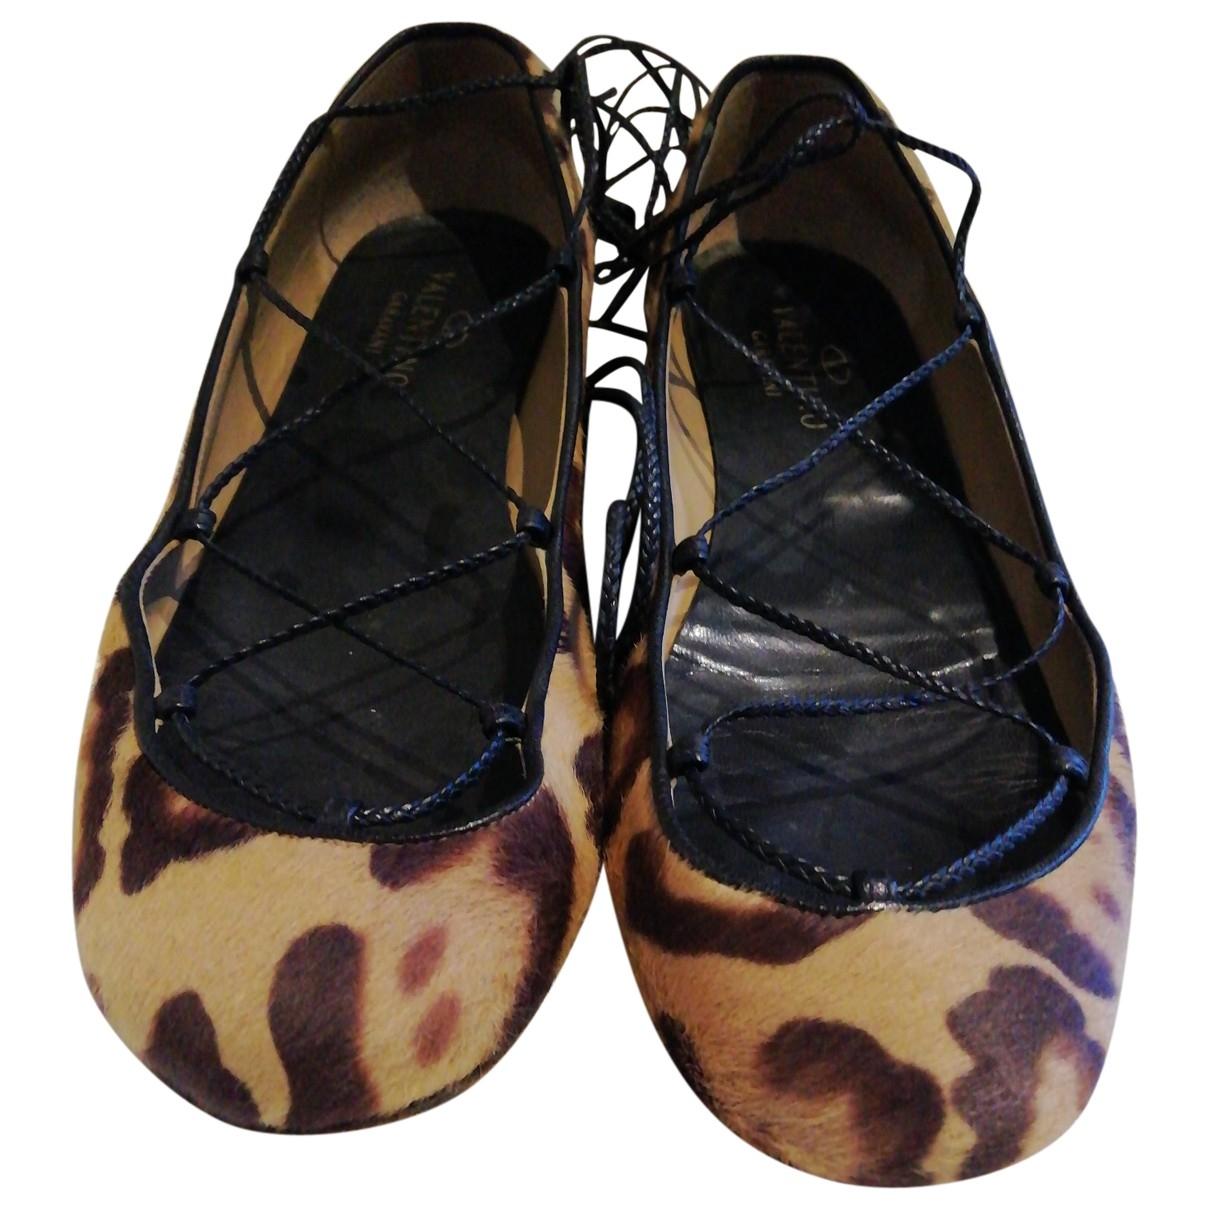 Valentino Garavani - Ballerines   pour femme en veau facon poulain - camel